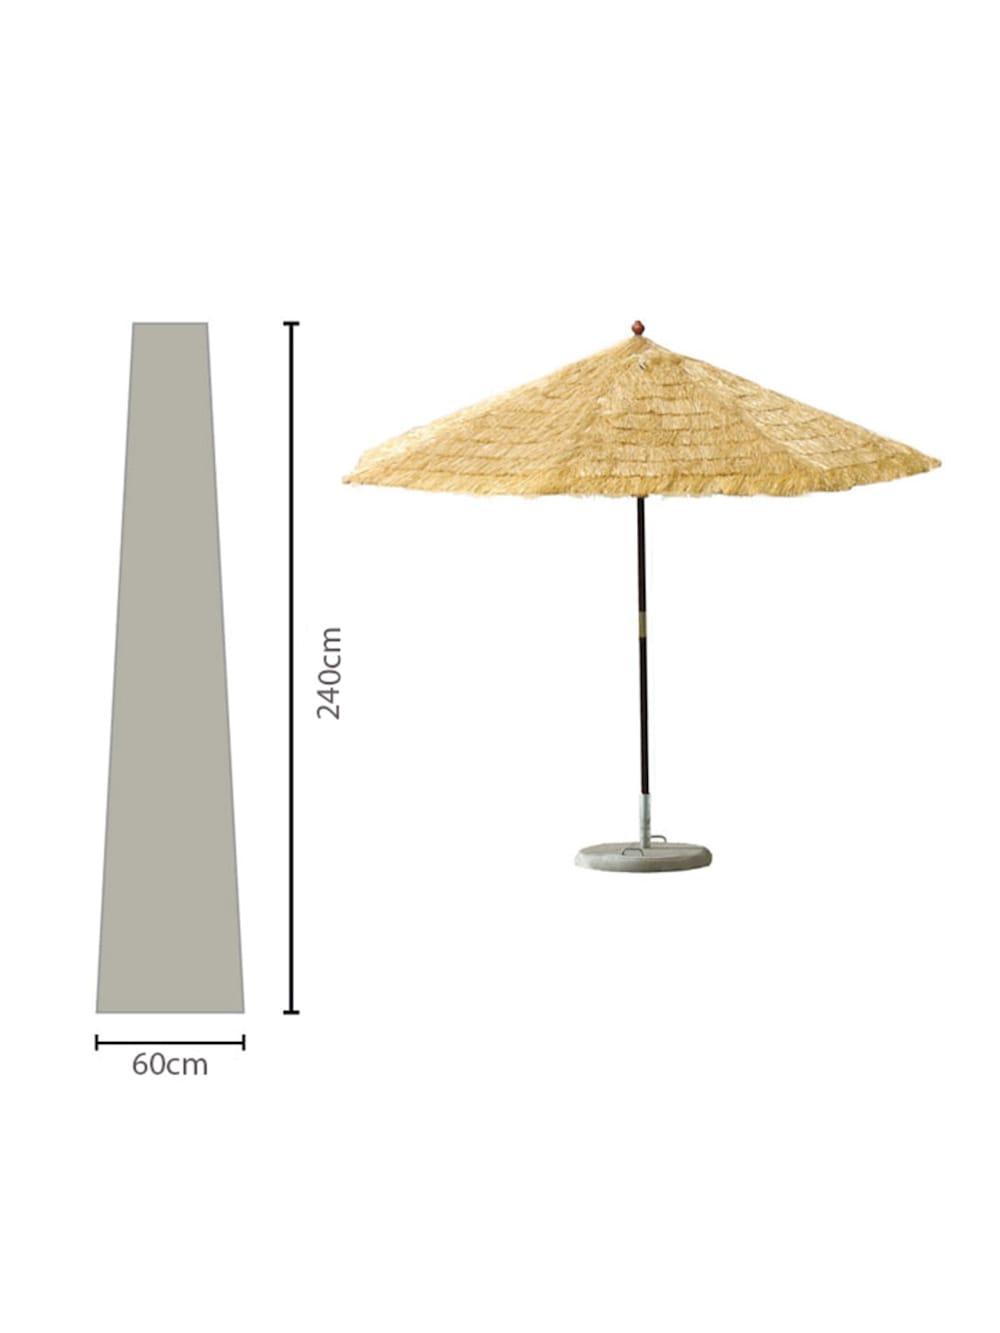 Abdeckung Schirmhaube Sonnenschirm Schutzhülle Sonnenschirmhülle Schutzhaube